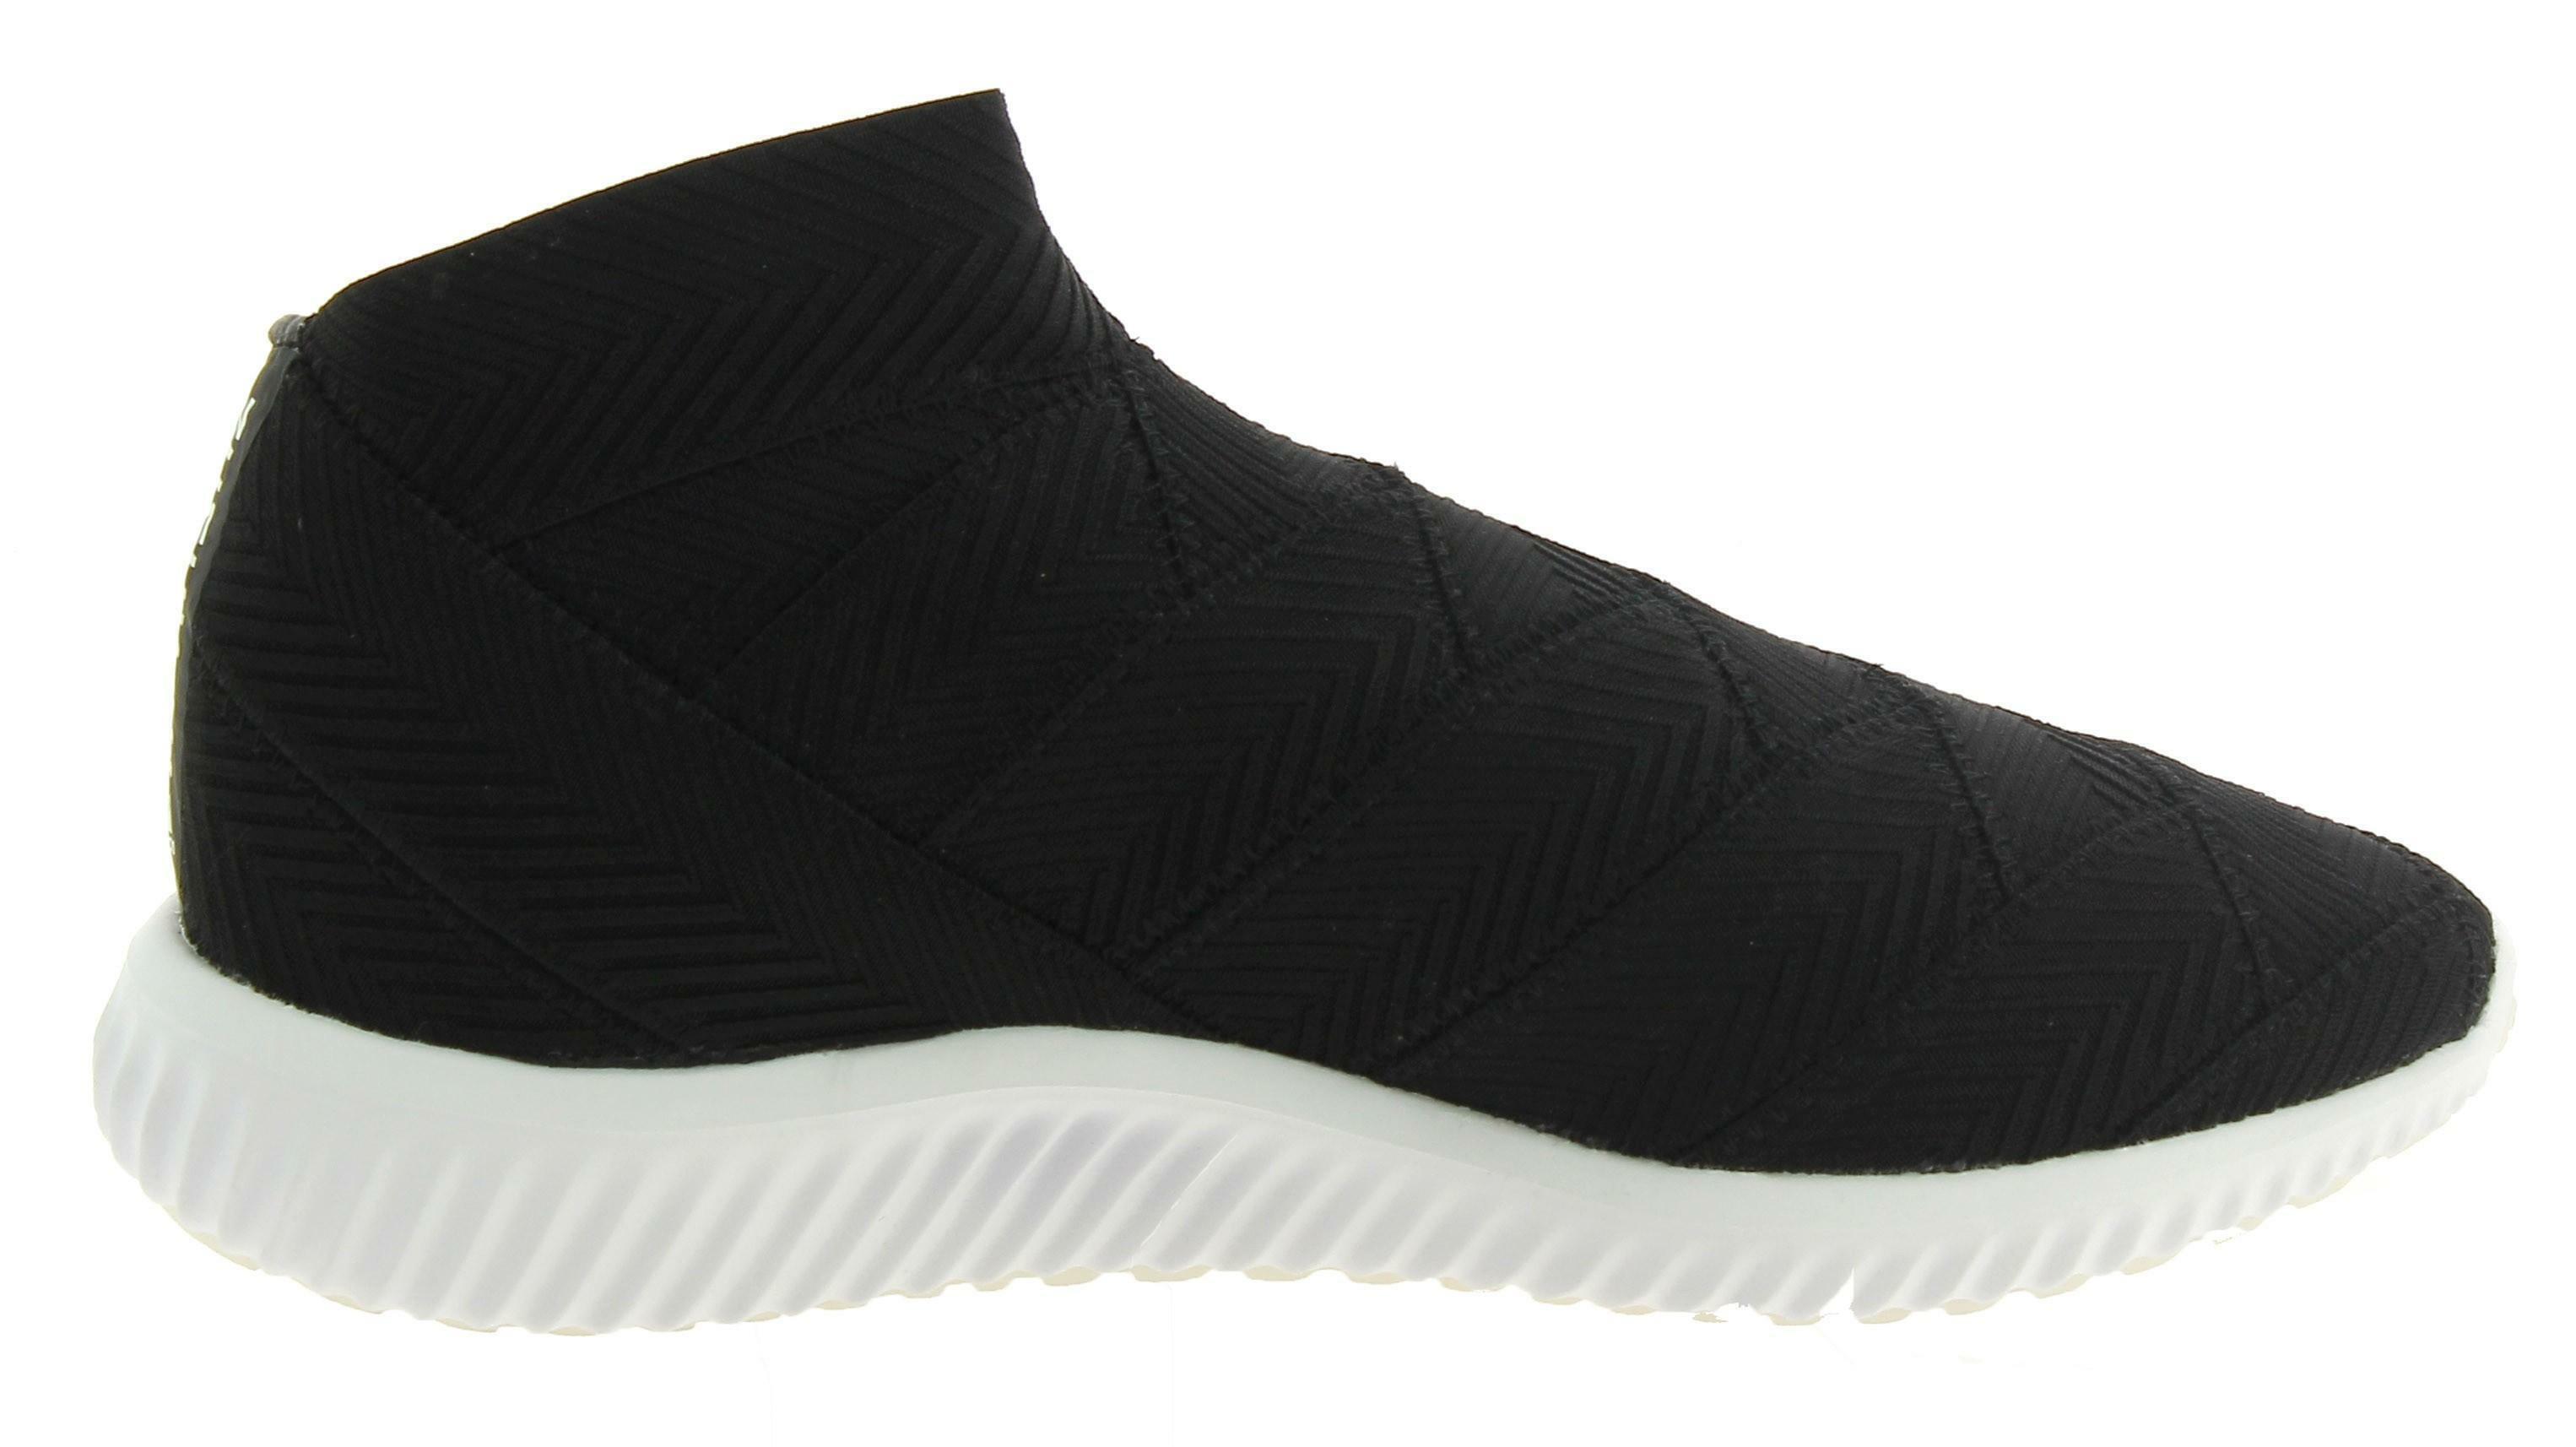 adidas adidas nemeziz tango 18.1 scarpe sportive uomo ac7076